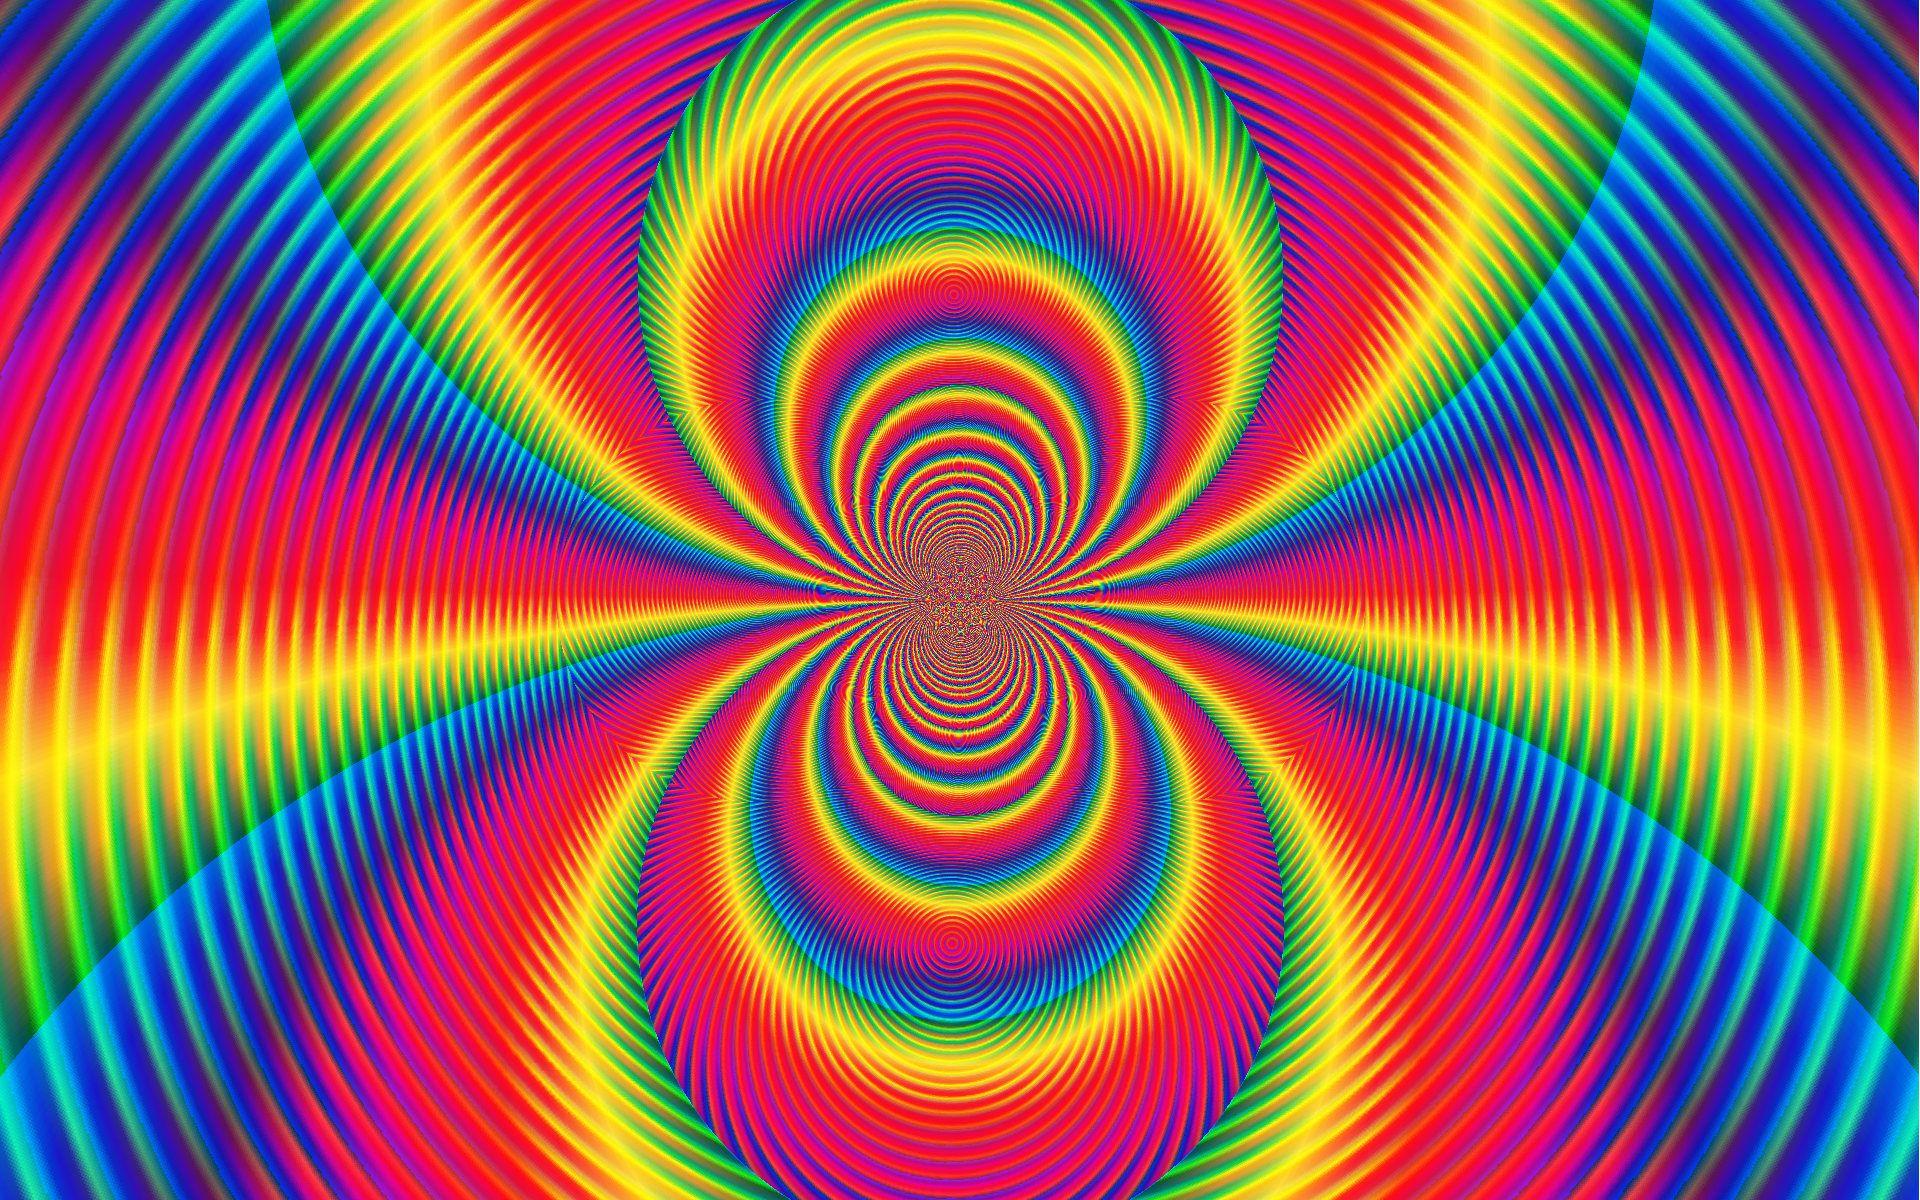 Bright Colors Wave Artistic Wallpaper HD Wallpapers Pop